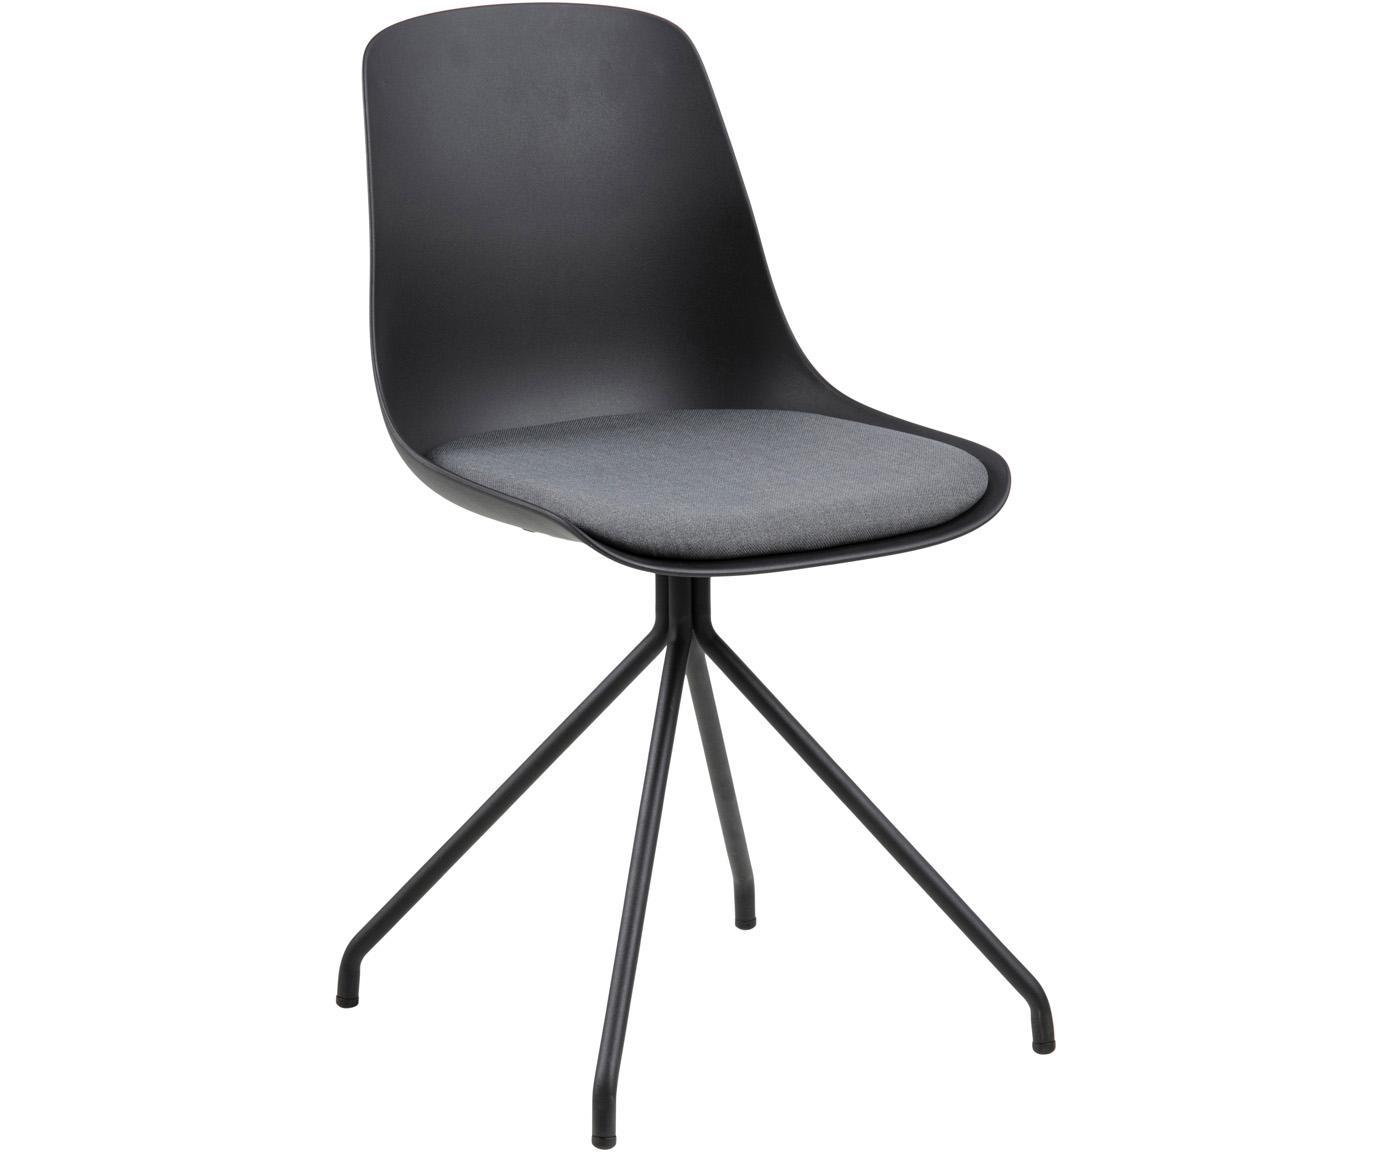 Silla Eva, Patas: metal recubierto, Asiento: plástico, Negro, An 51 x Al 85 cm